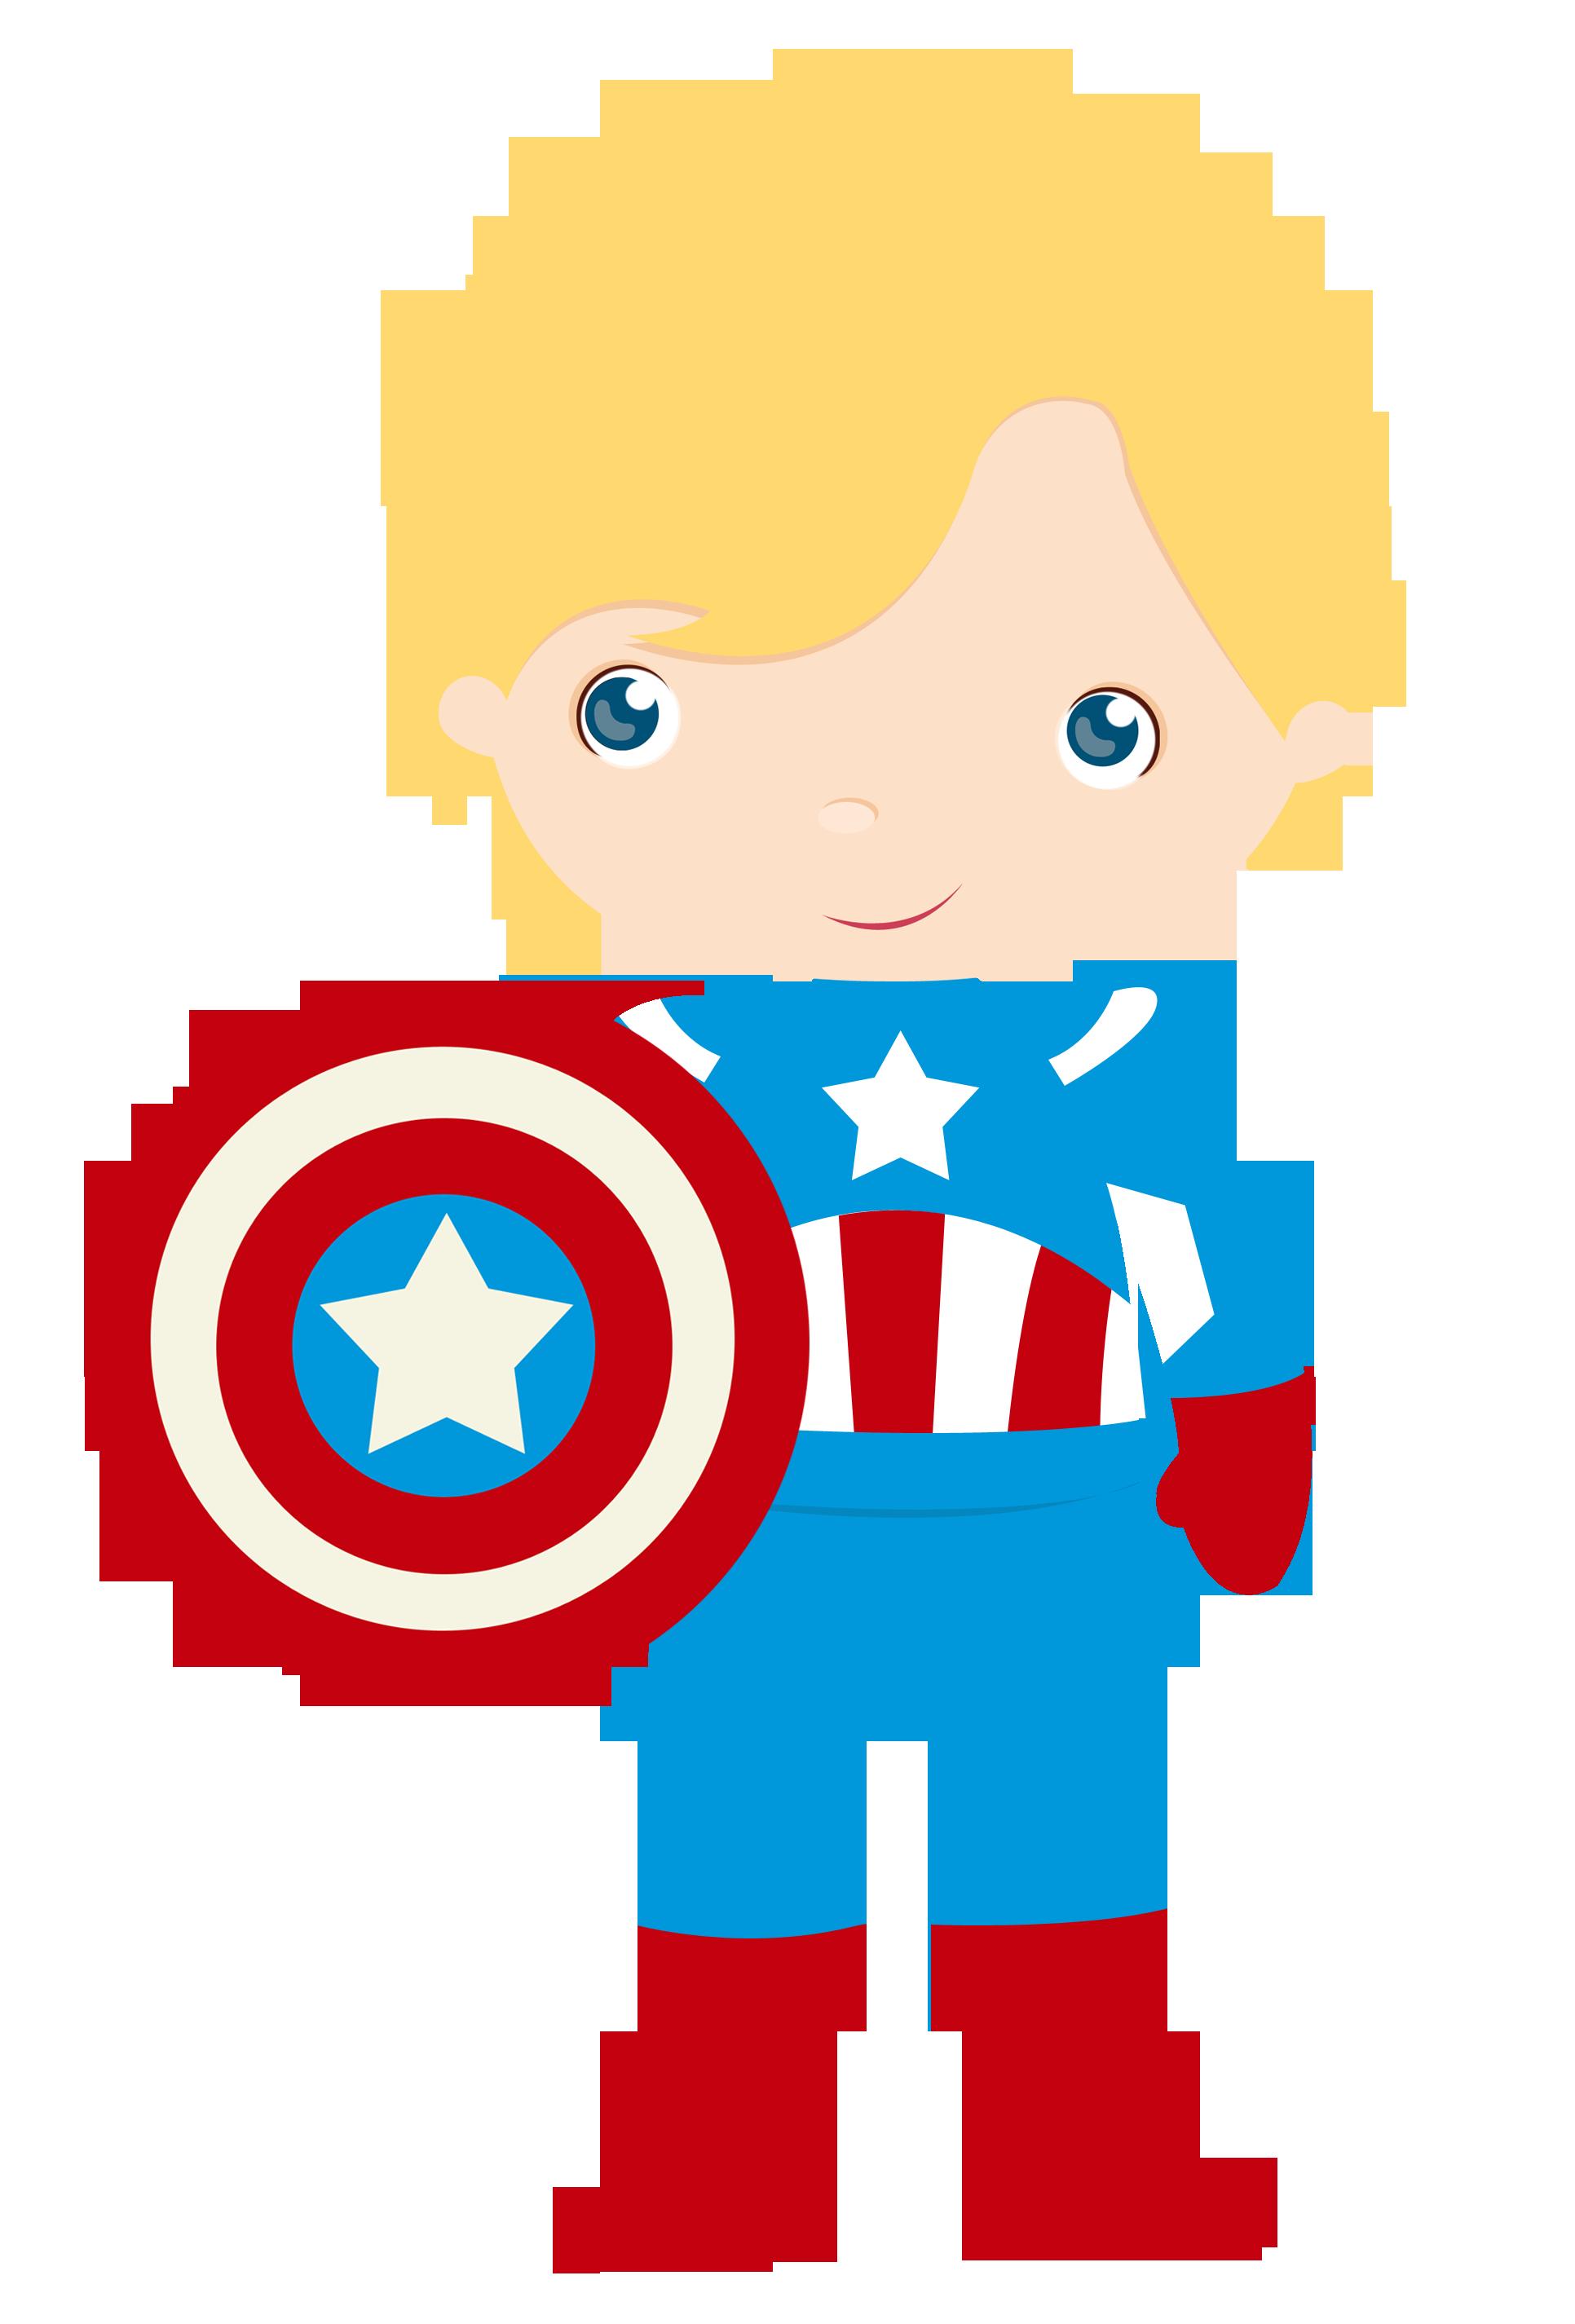 Pin de Ⓛⓘⓥⓘⓐ em super herois | Super herói, Desenhos de ...